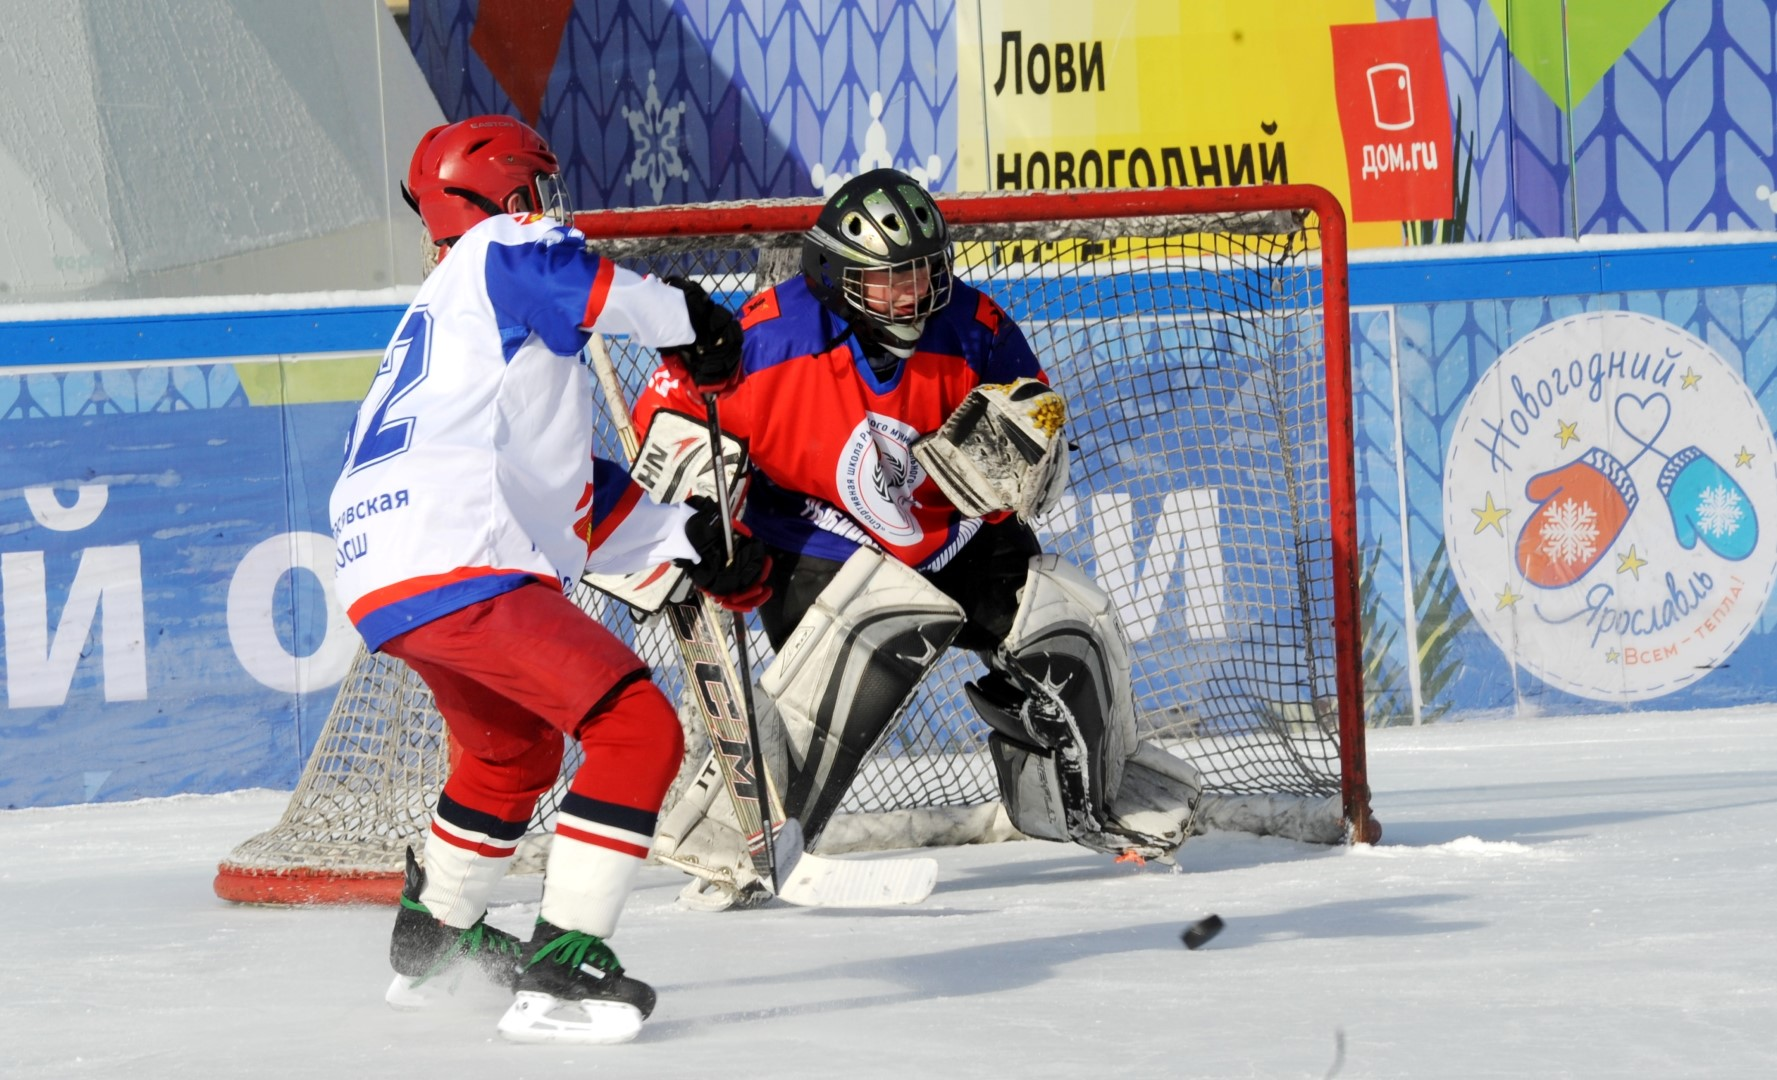 В центре Ярославля прошли финальные игры среди любительских хоккейных команд: фото